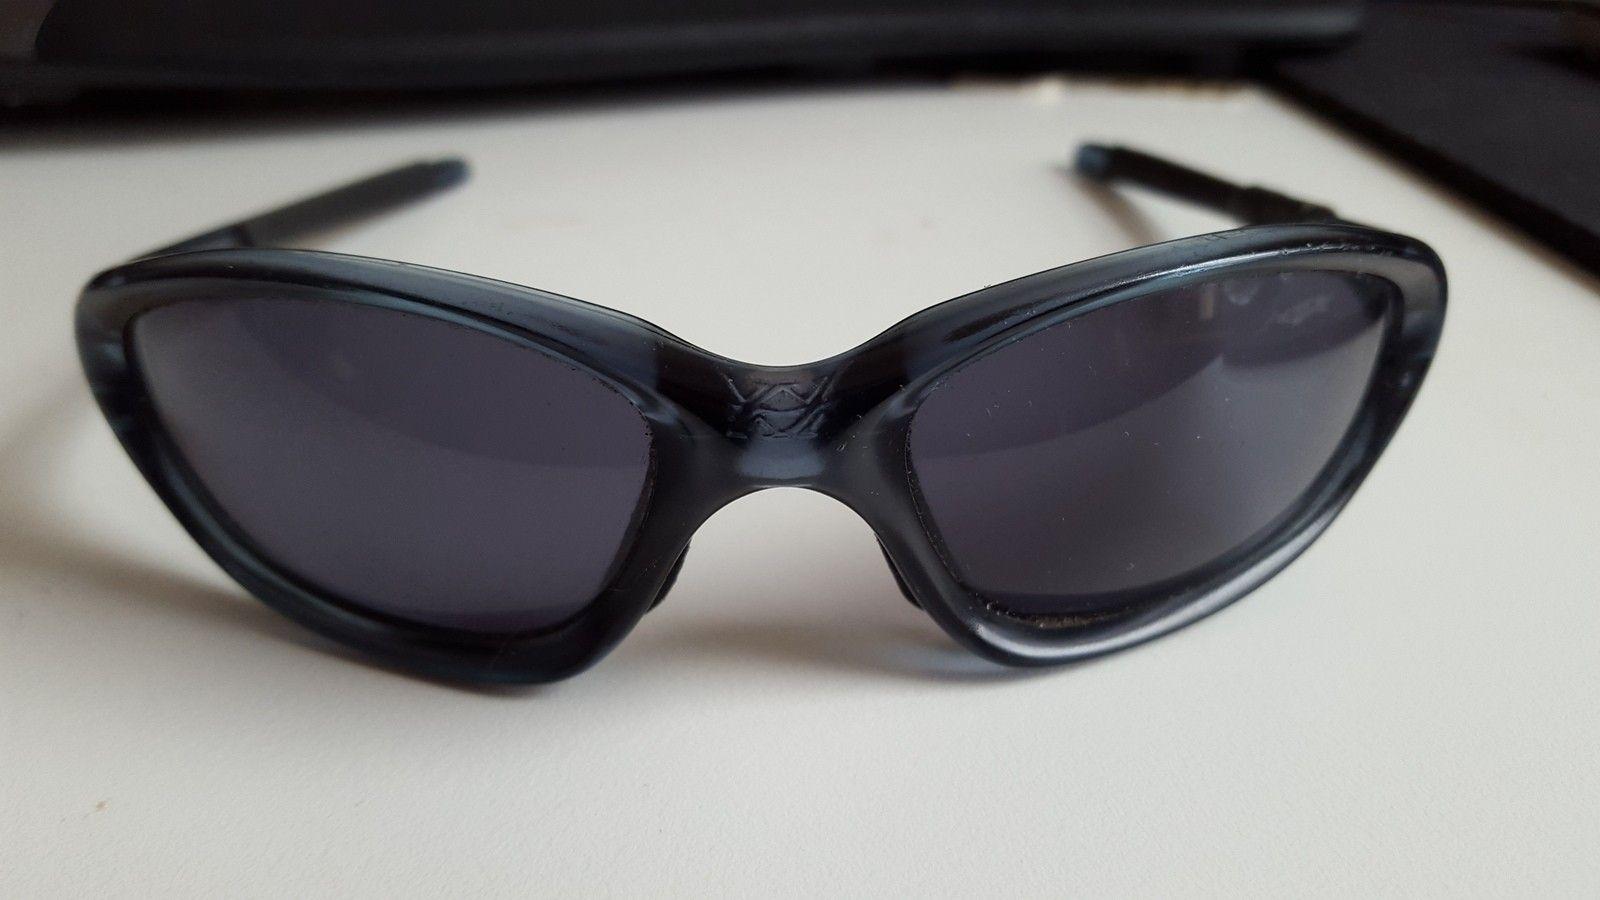 Original 1st gen Crystal Black Twenty For sale - 20150709_101245.jpg